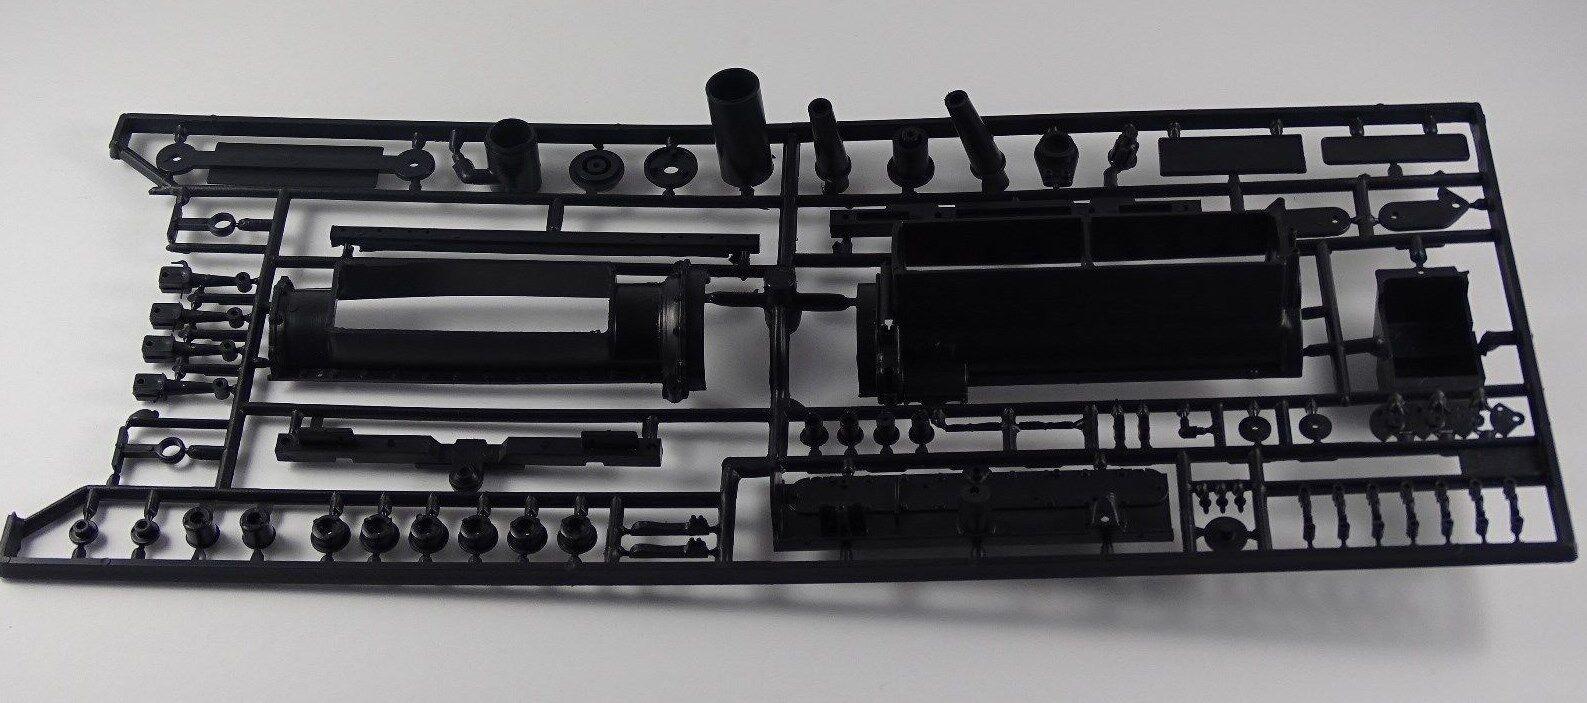 POCHER 1 8 K 74 diverses pièces de moteur Mercedes 500k AK Cabriolet 74-16 l4